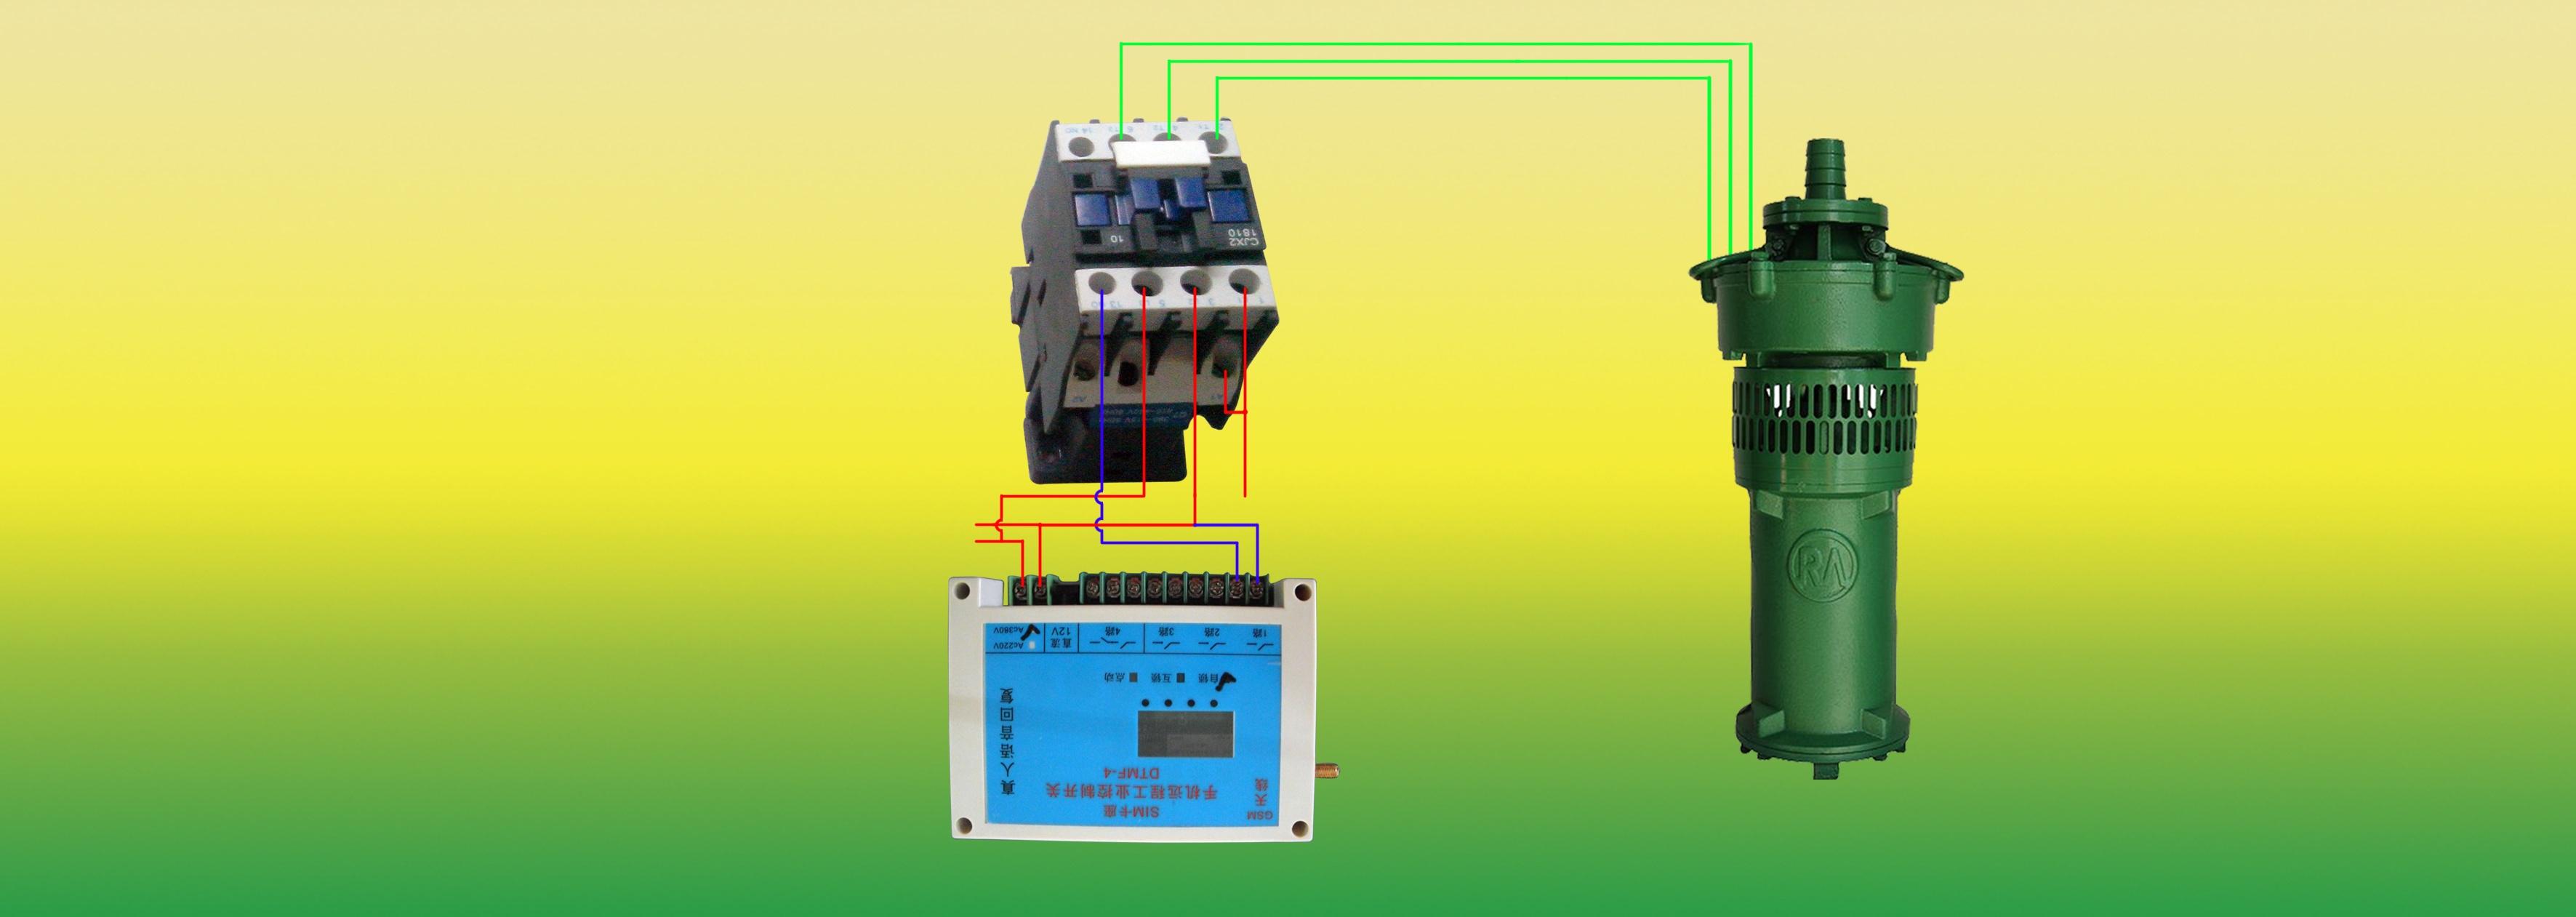 然后将其与交流接触器及水泵接在一起,其接线方法与水泵遥控器基本上